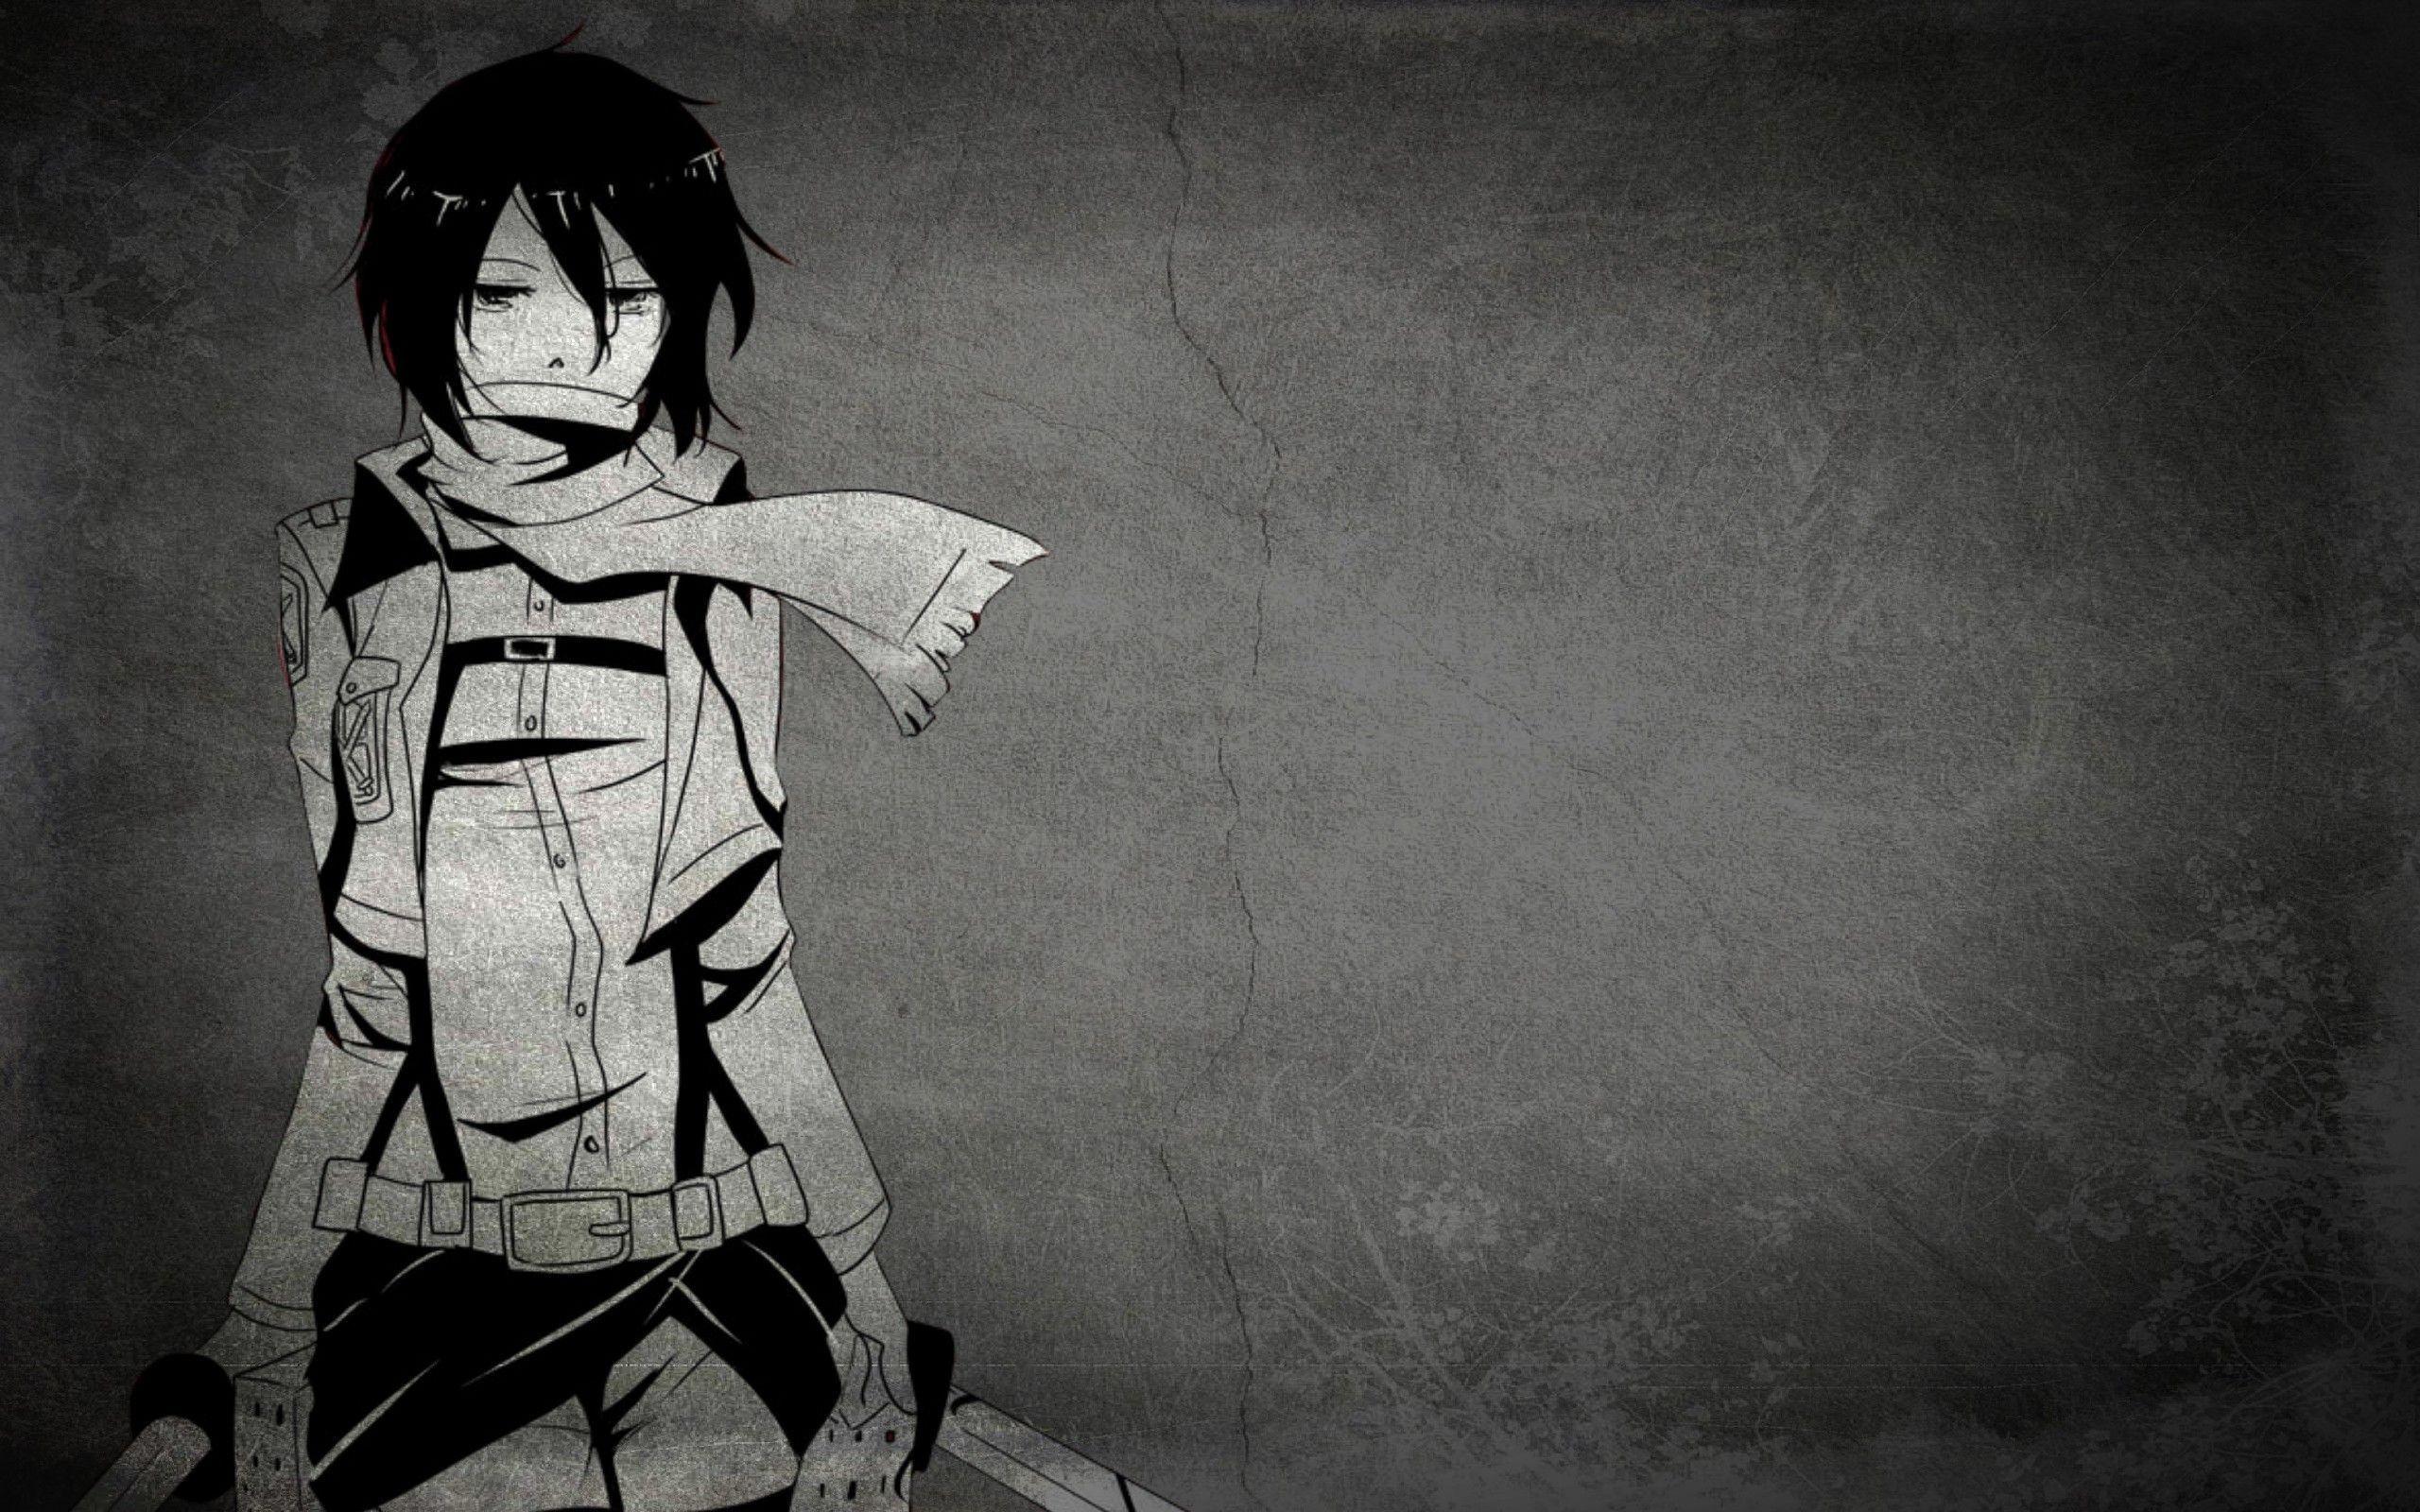 mikasa-ackerman-shingeki-no-kyojin-anime-hd-wallpaper-